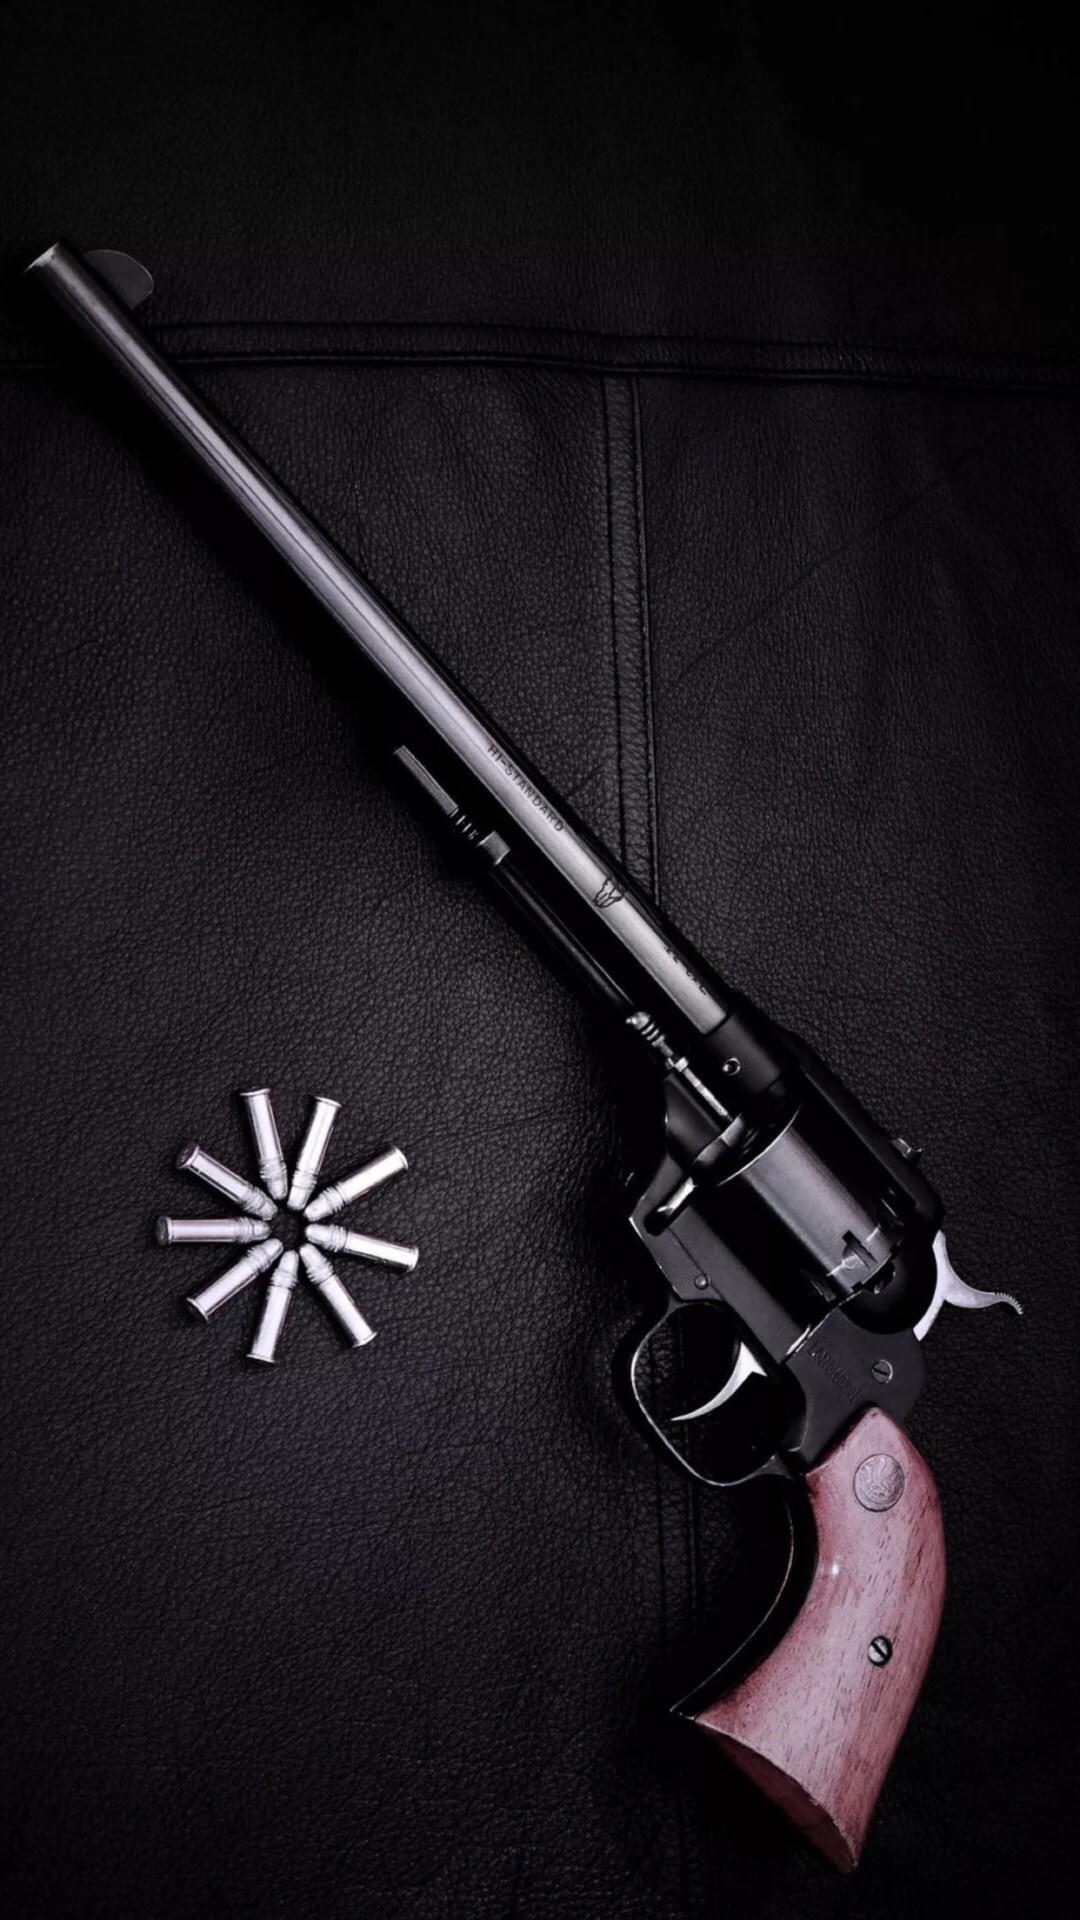 Revolver Gun Dark Background #iPhone #6 #wallpaper